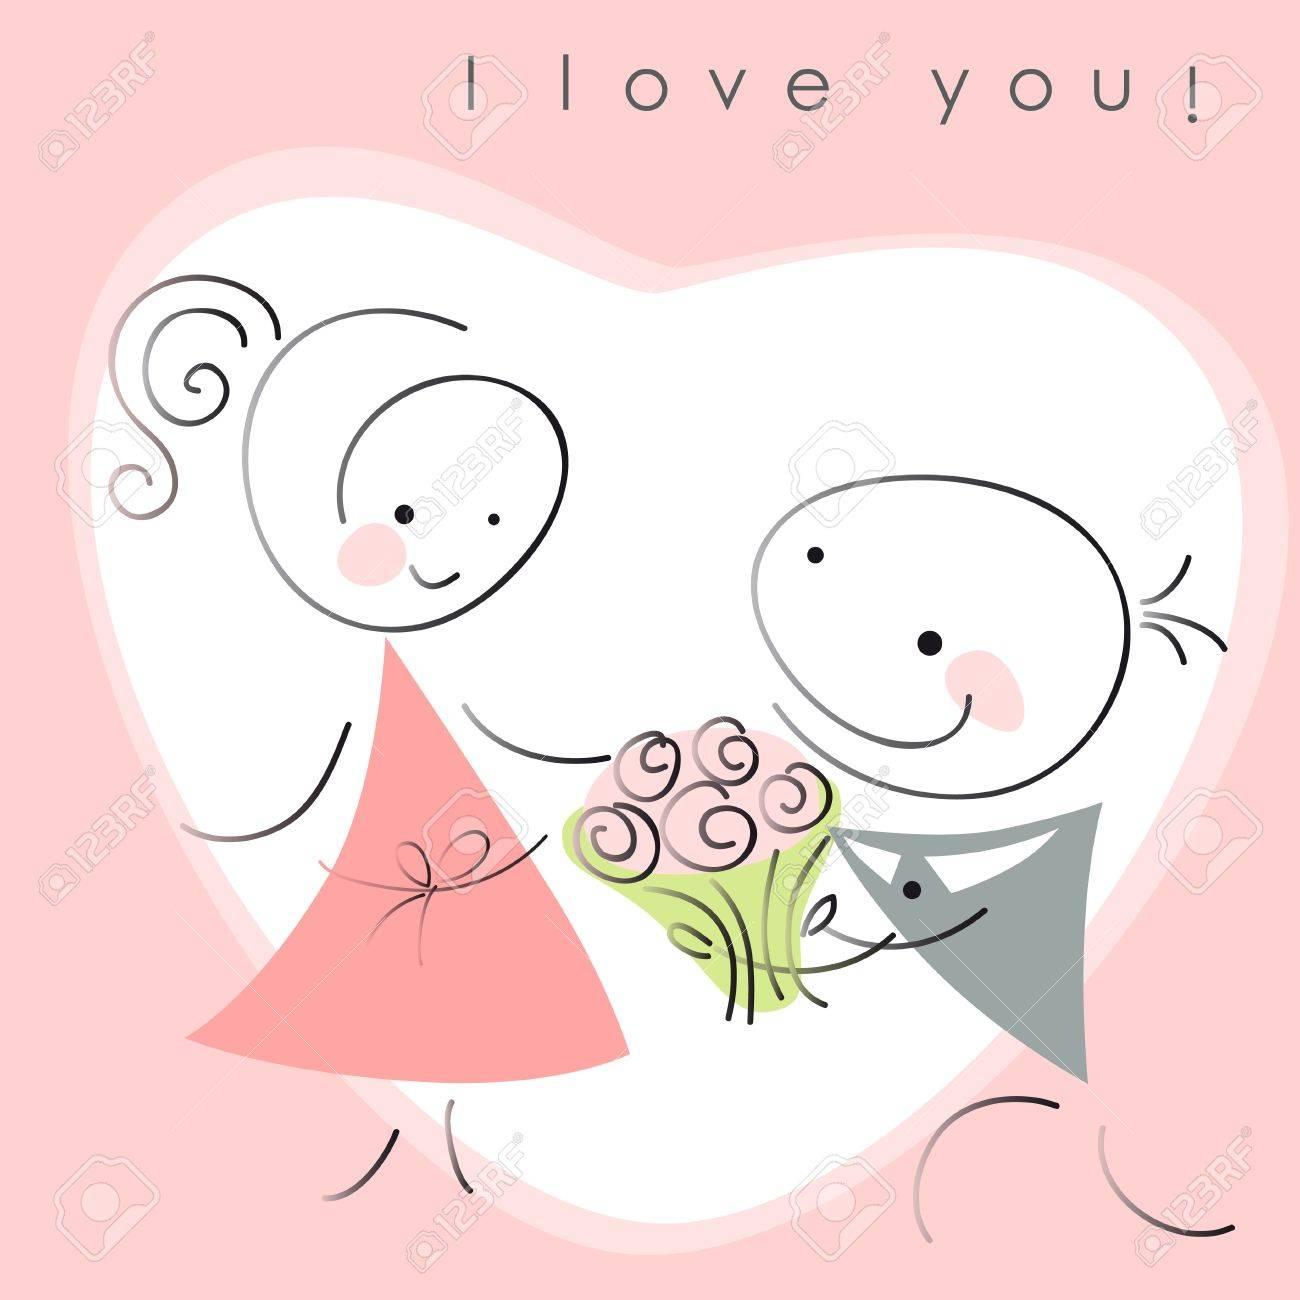 バレンタイン カップル、女性とピンクの背景の心の花を持つ男性